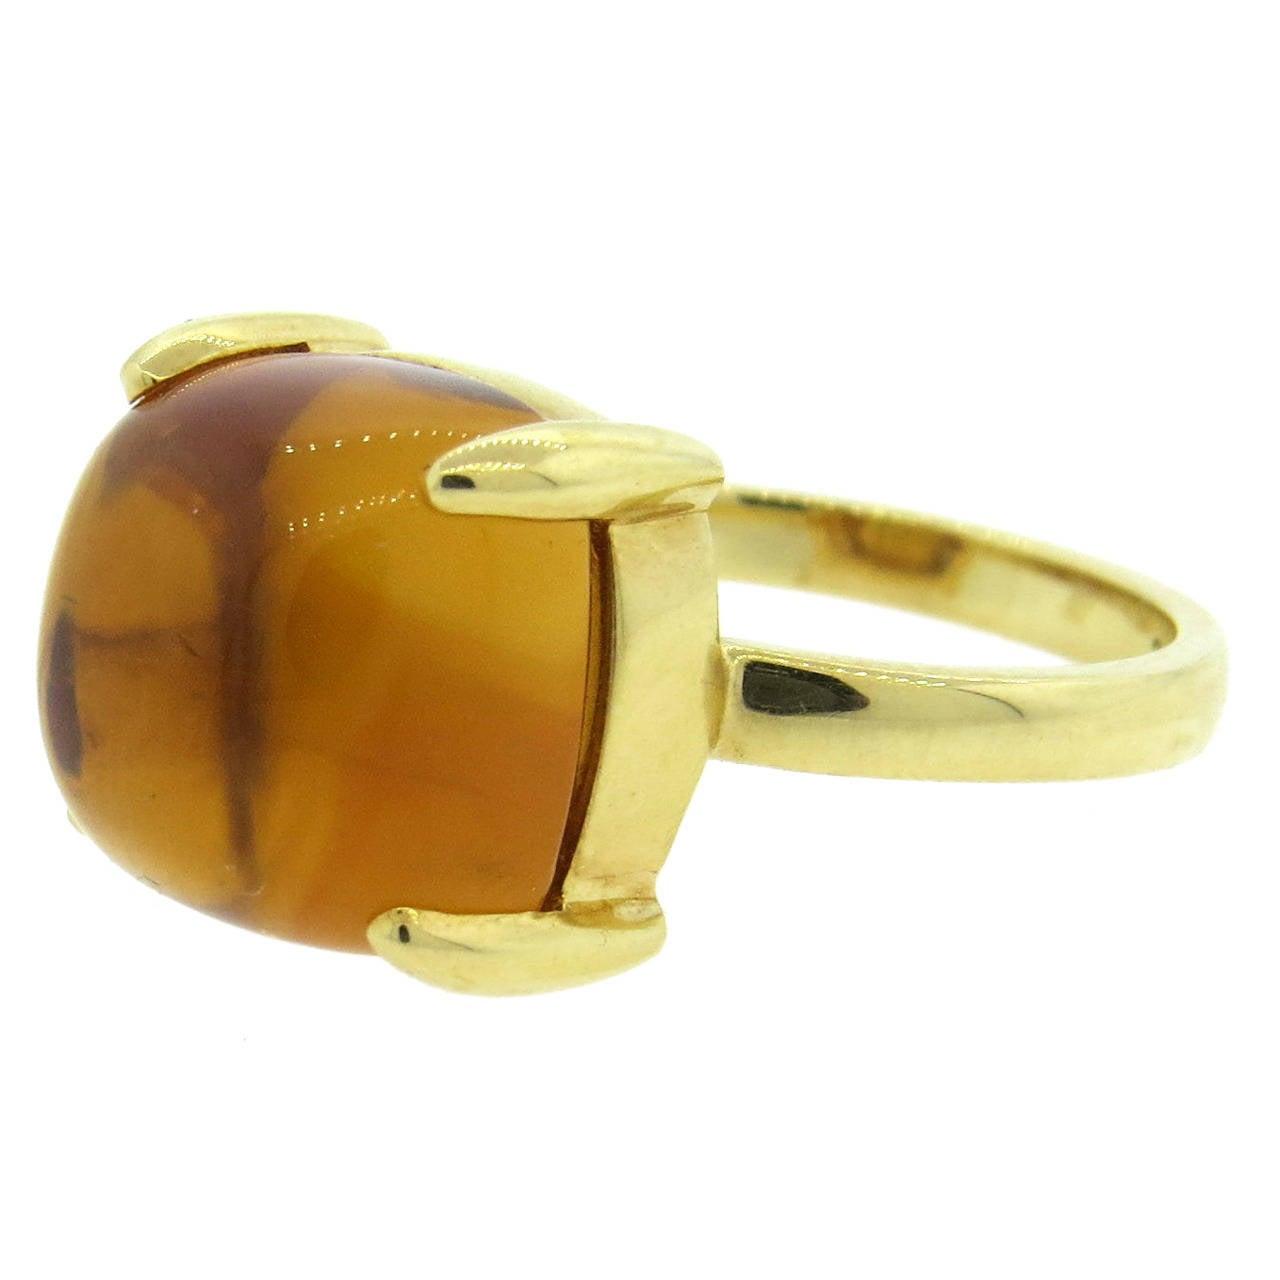 b901128b8 Tiffany and Co. Paloma Picasso Sugar Stacks Citrine Gold Ring at 1stdibs